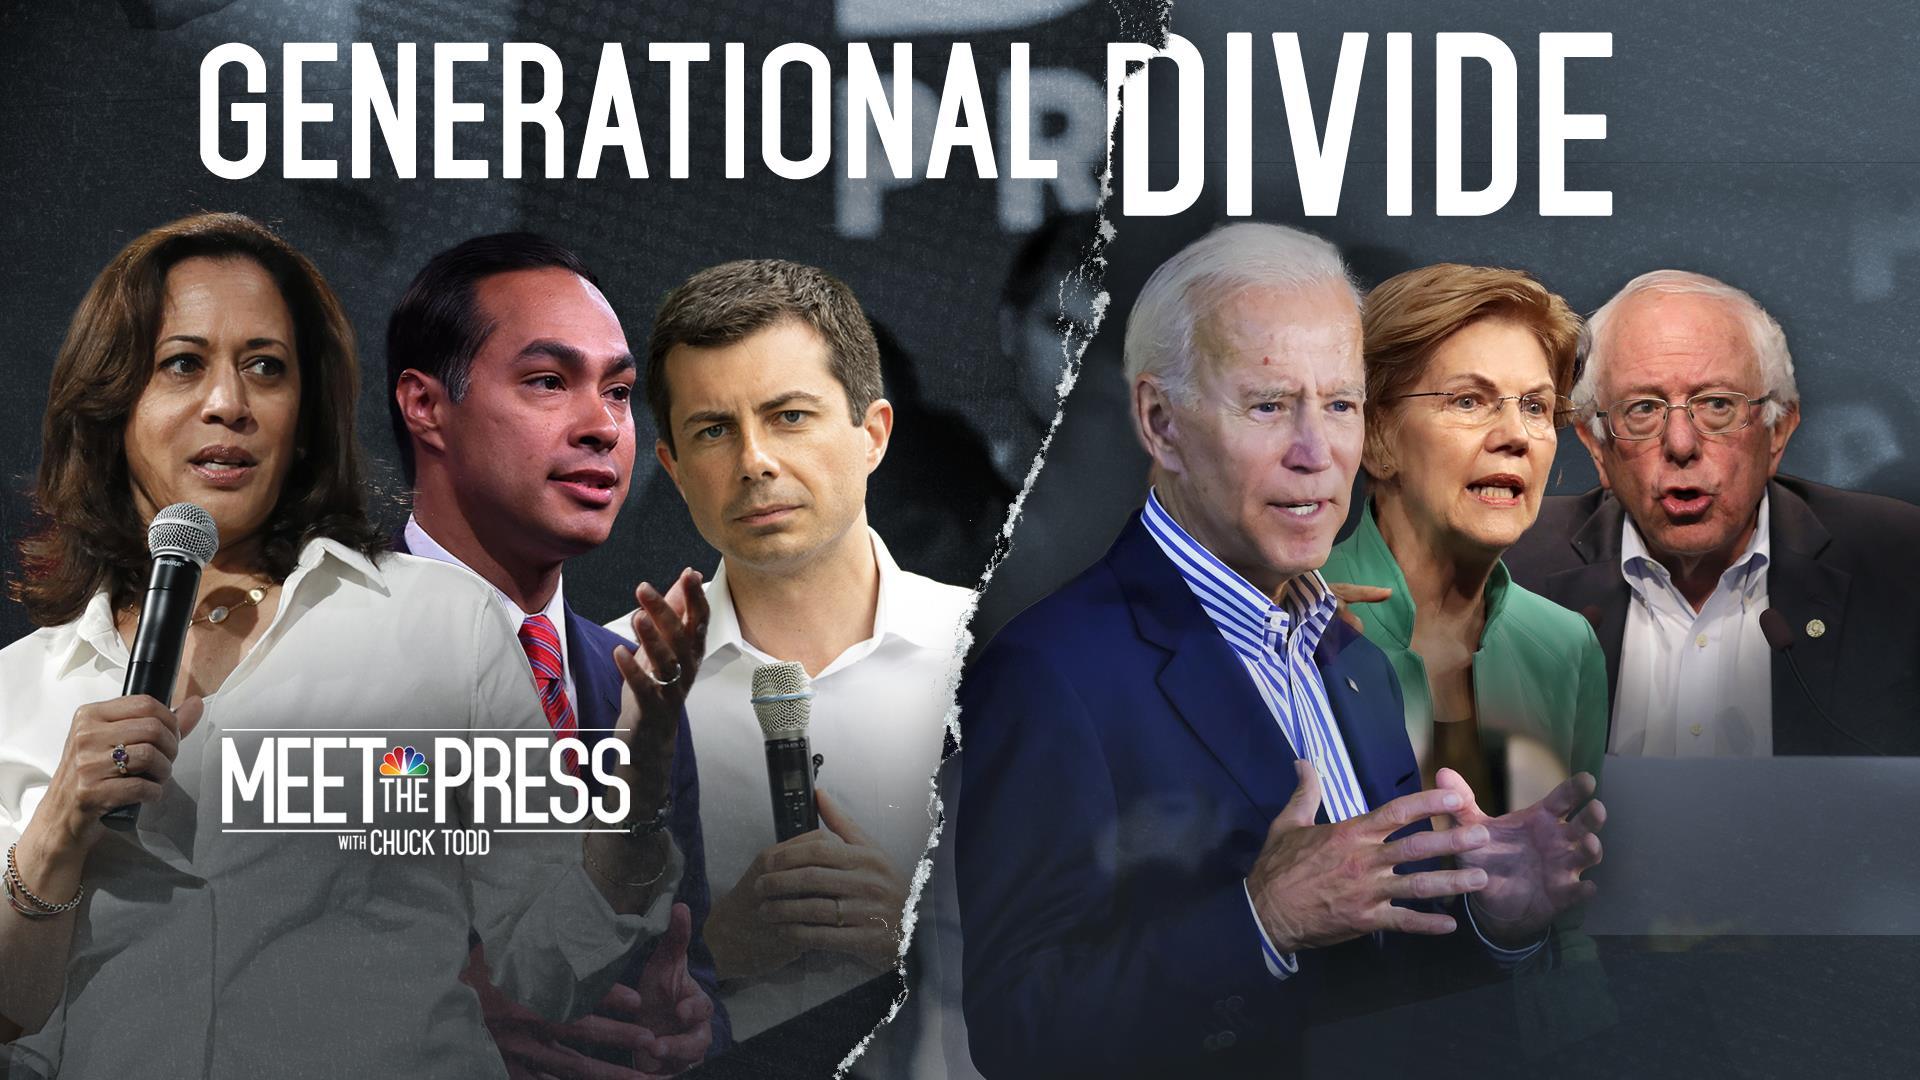 Meet the Press - September 1, 2019